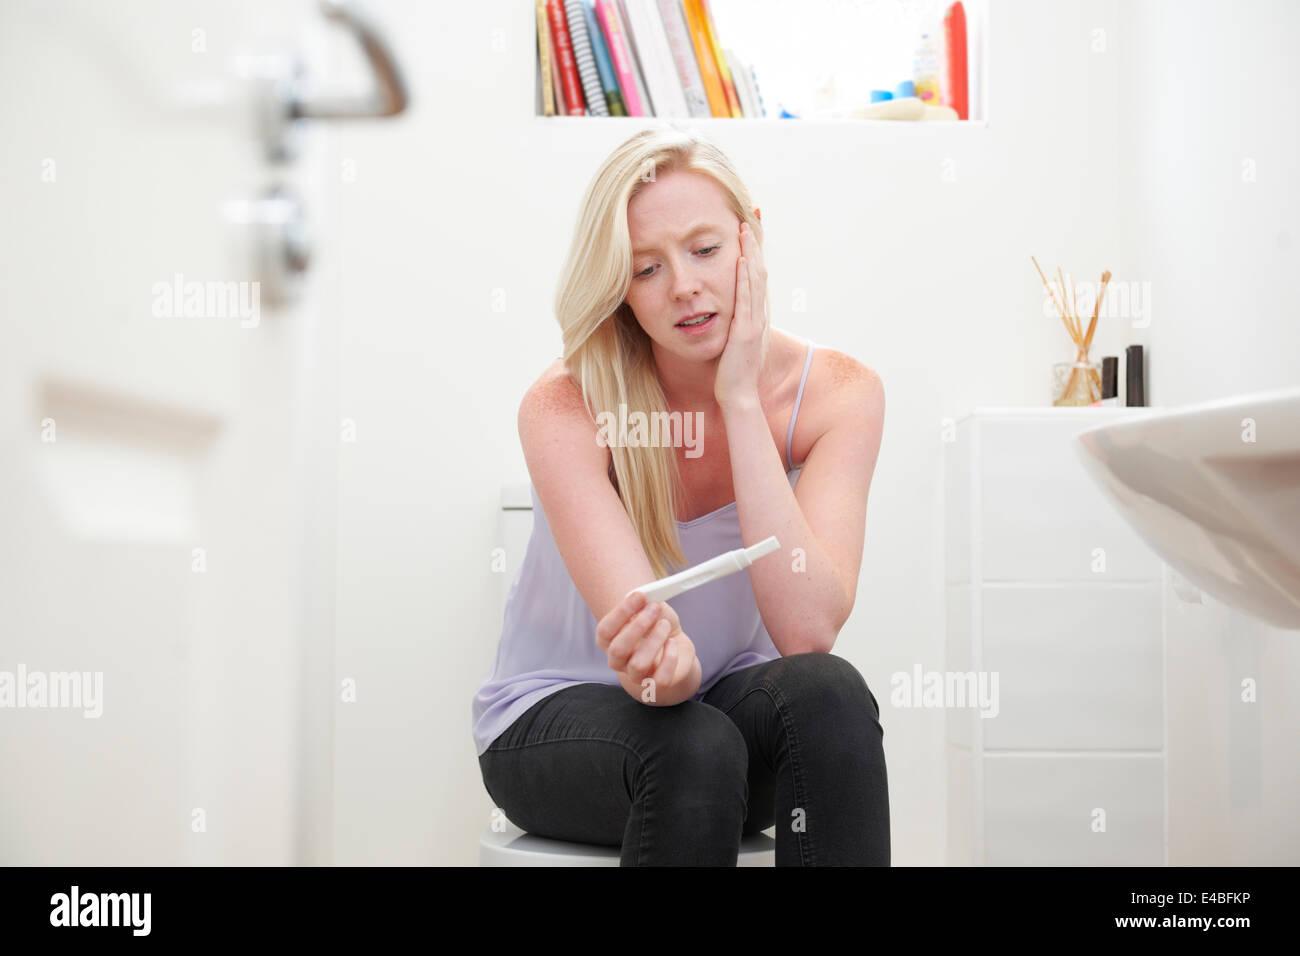 Teenager-Mädchen sitzen im Badezimmer mit Schwangerschaftstest besorgt Stockbild